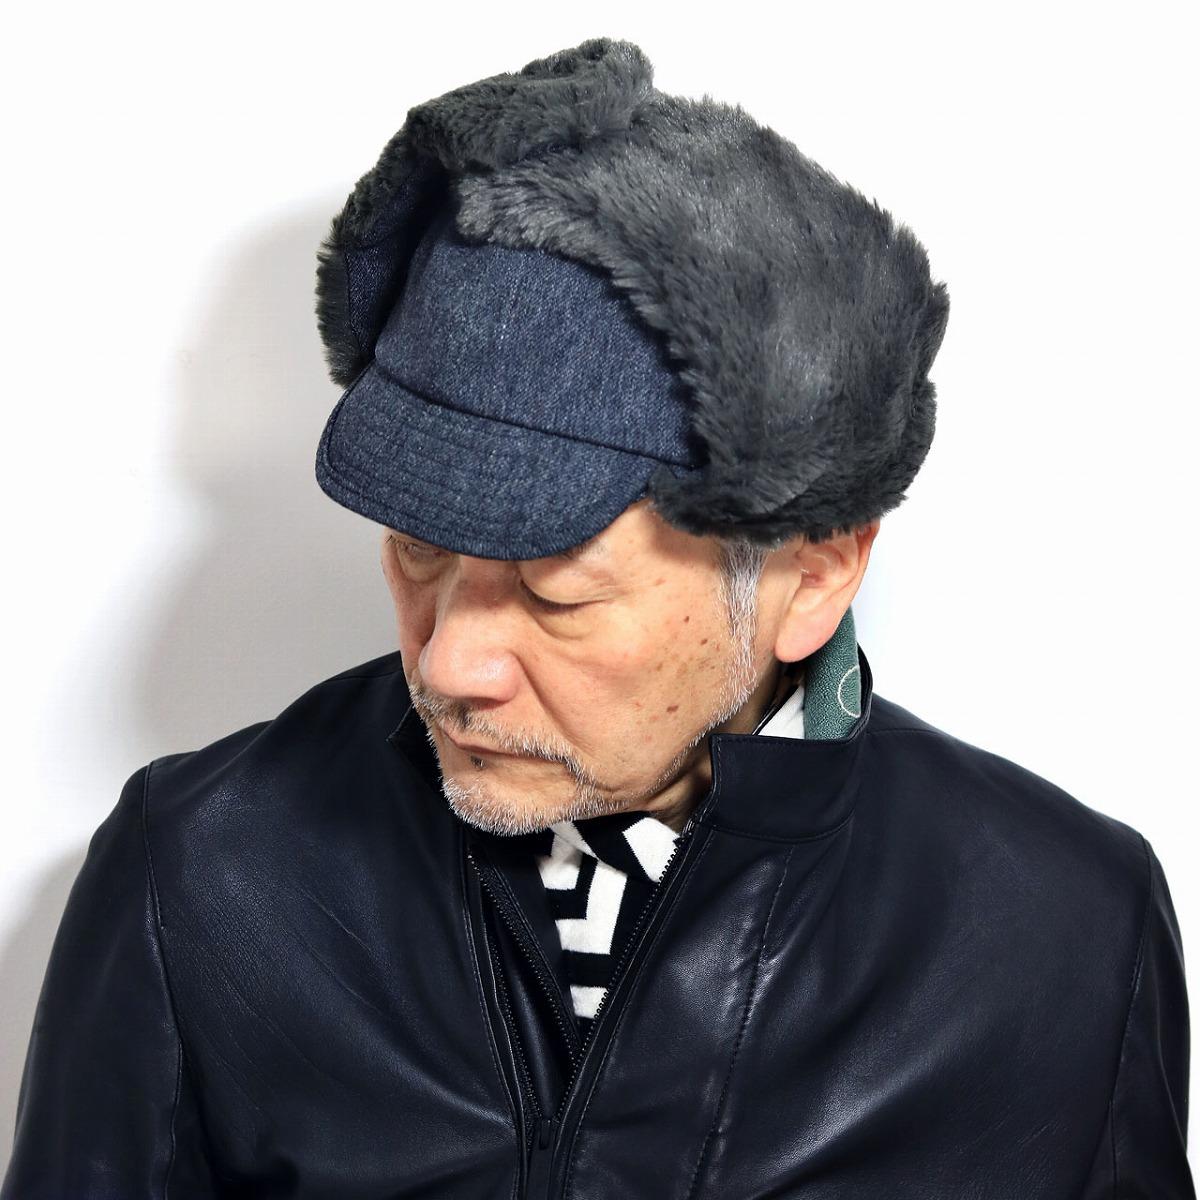 メゾンバース 帽子 耳当て メンズ パイロットキャップ つば付き 秋 冬 防寒 フライトキャップ 2019 ファー帽子 MAISON Birth 飛行帽 サイズ調節 寒さ対策 耳 あったかい キャップ 手洗いできる グレー [ pilot cap ][ flight cap ]